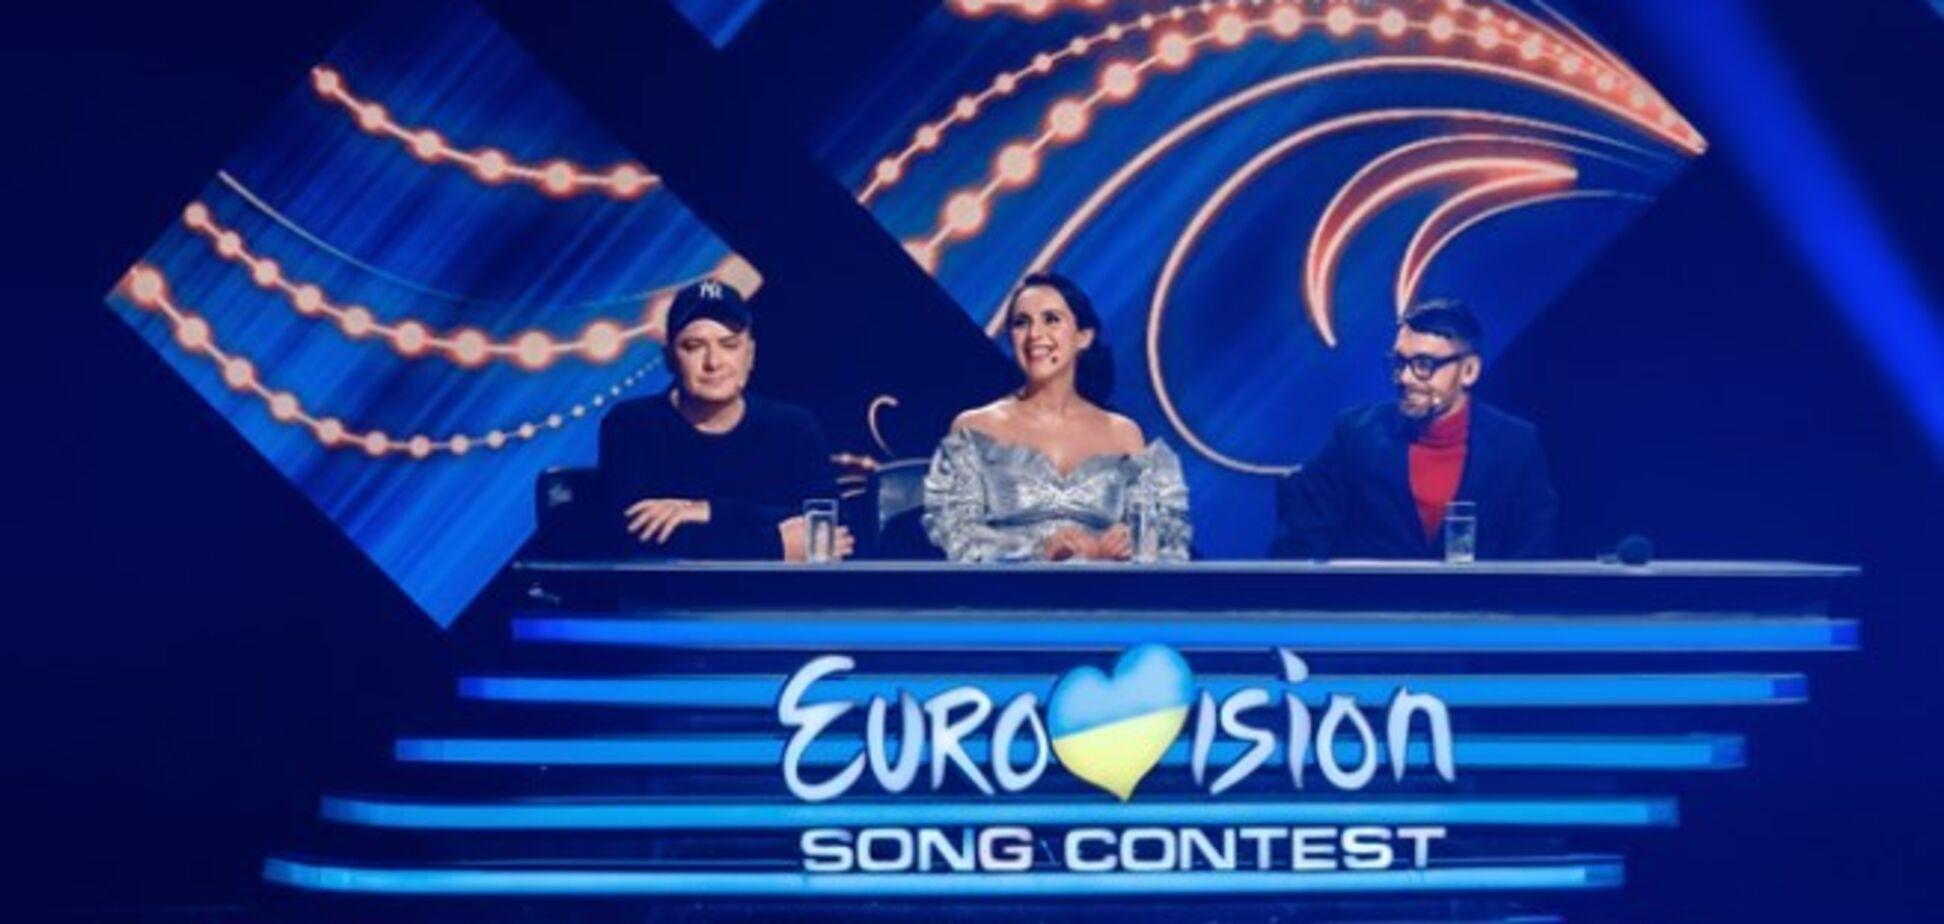 Нацвідбір на Євробачення-2019: із якими піснями виступлять учасники